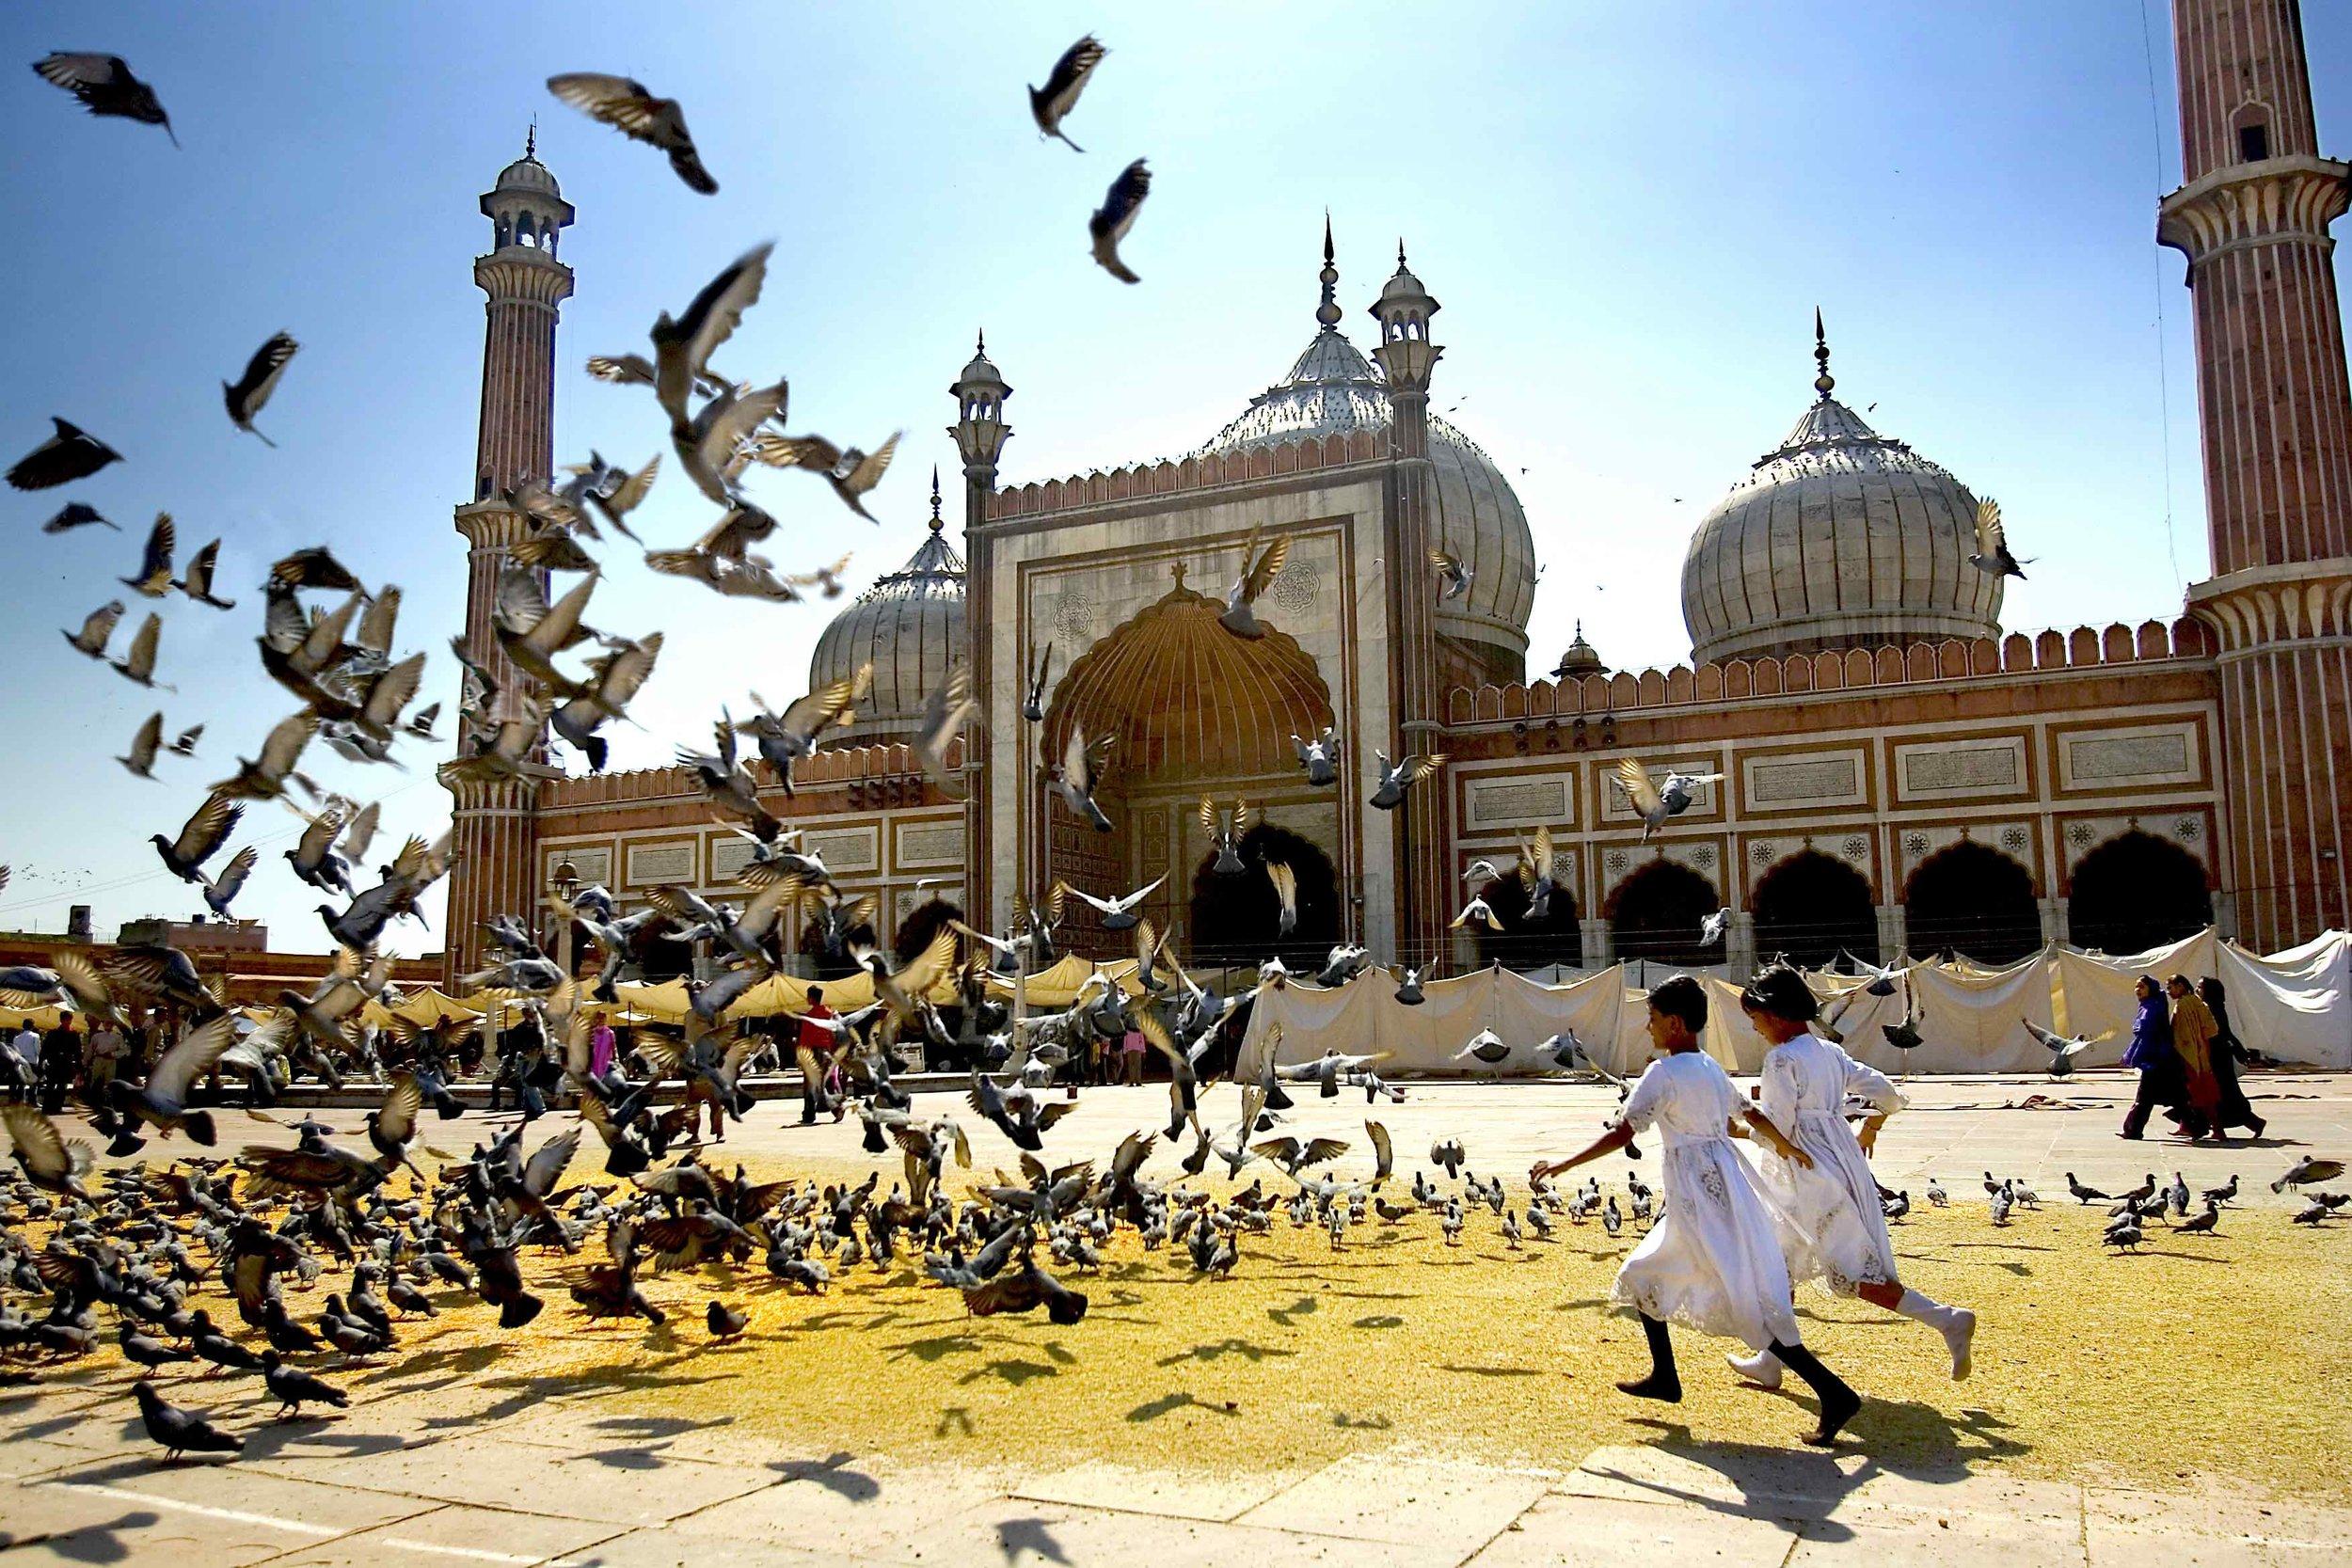 India_-_Delhi_girls_chasing_doves_-_6159 2.jpg